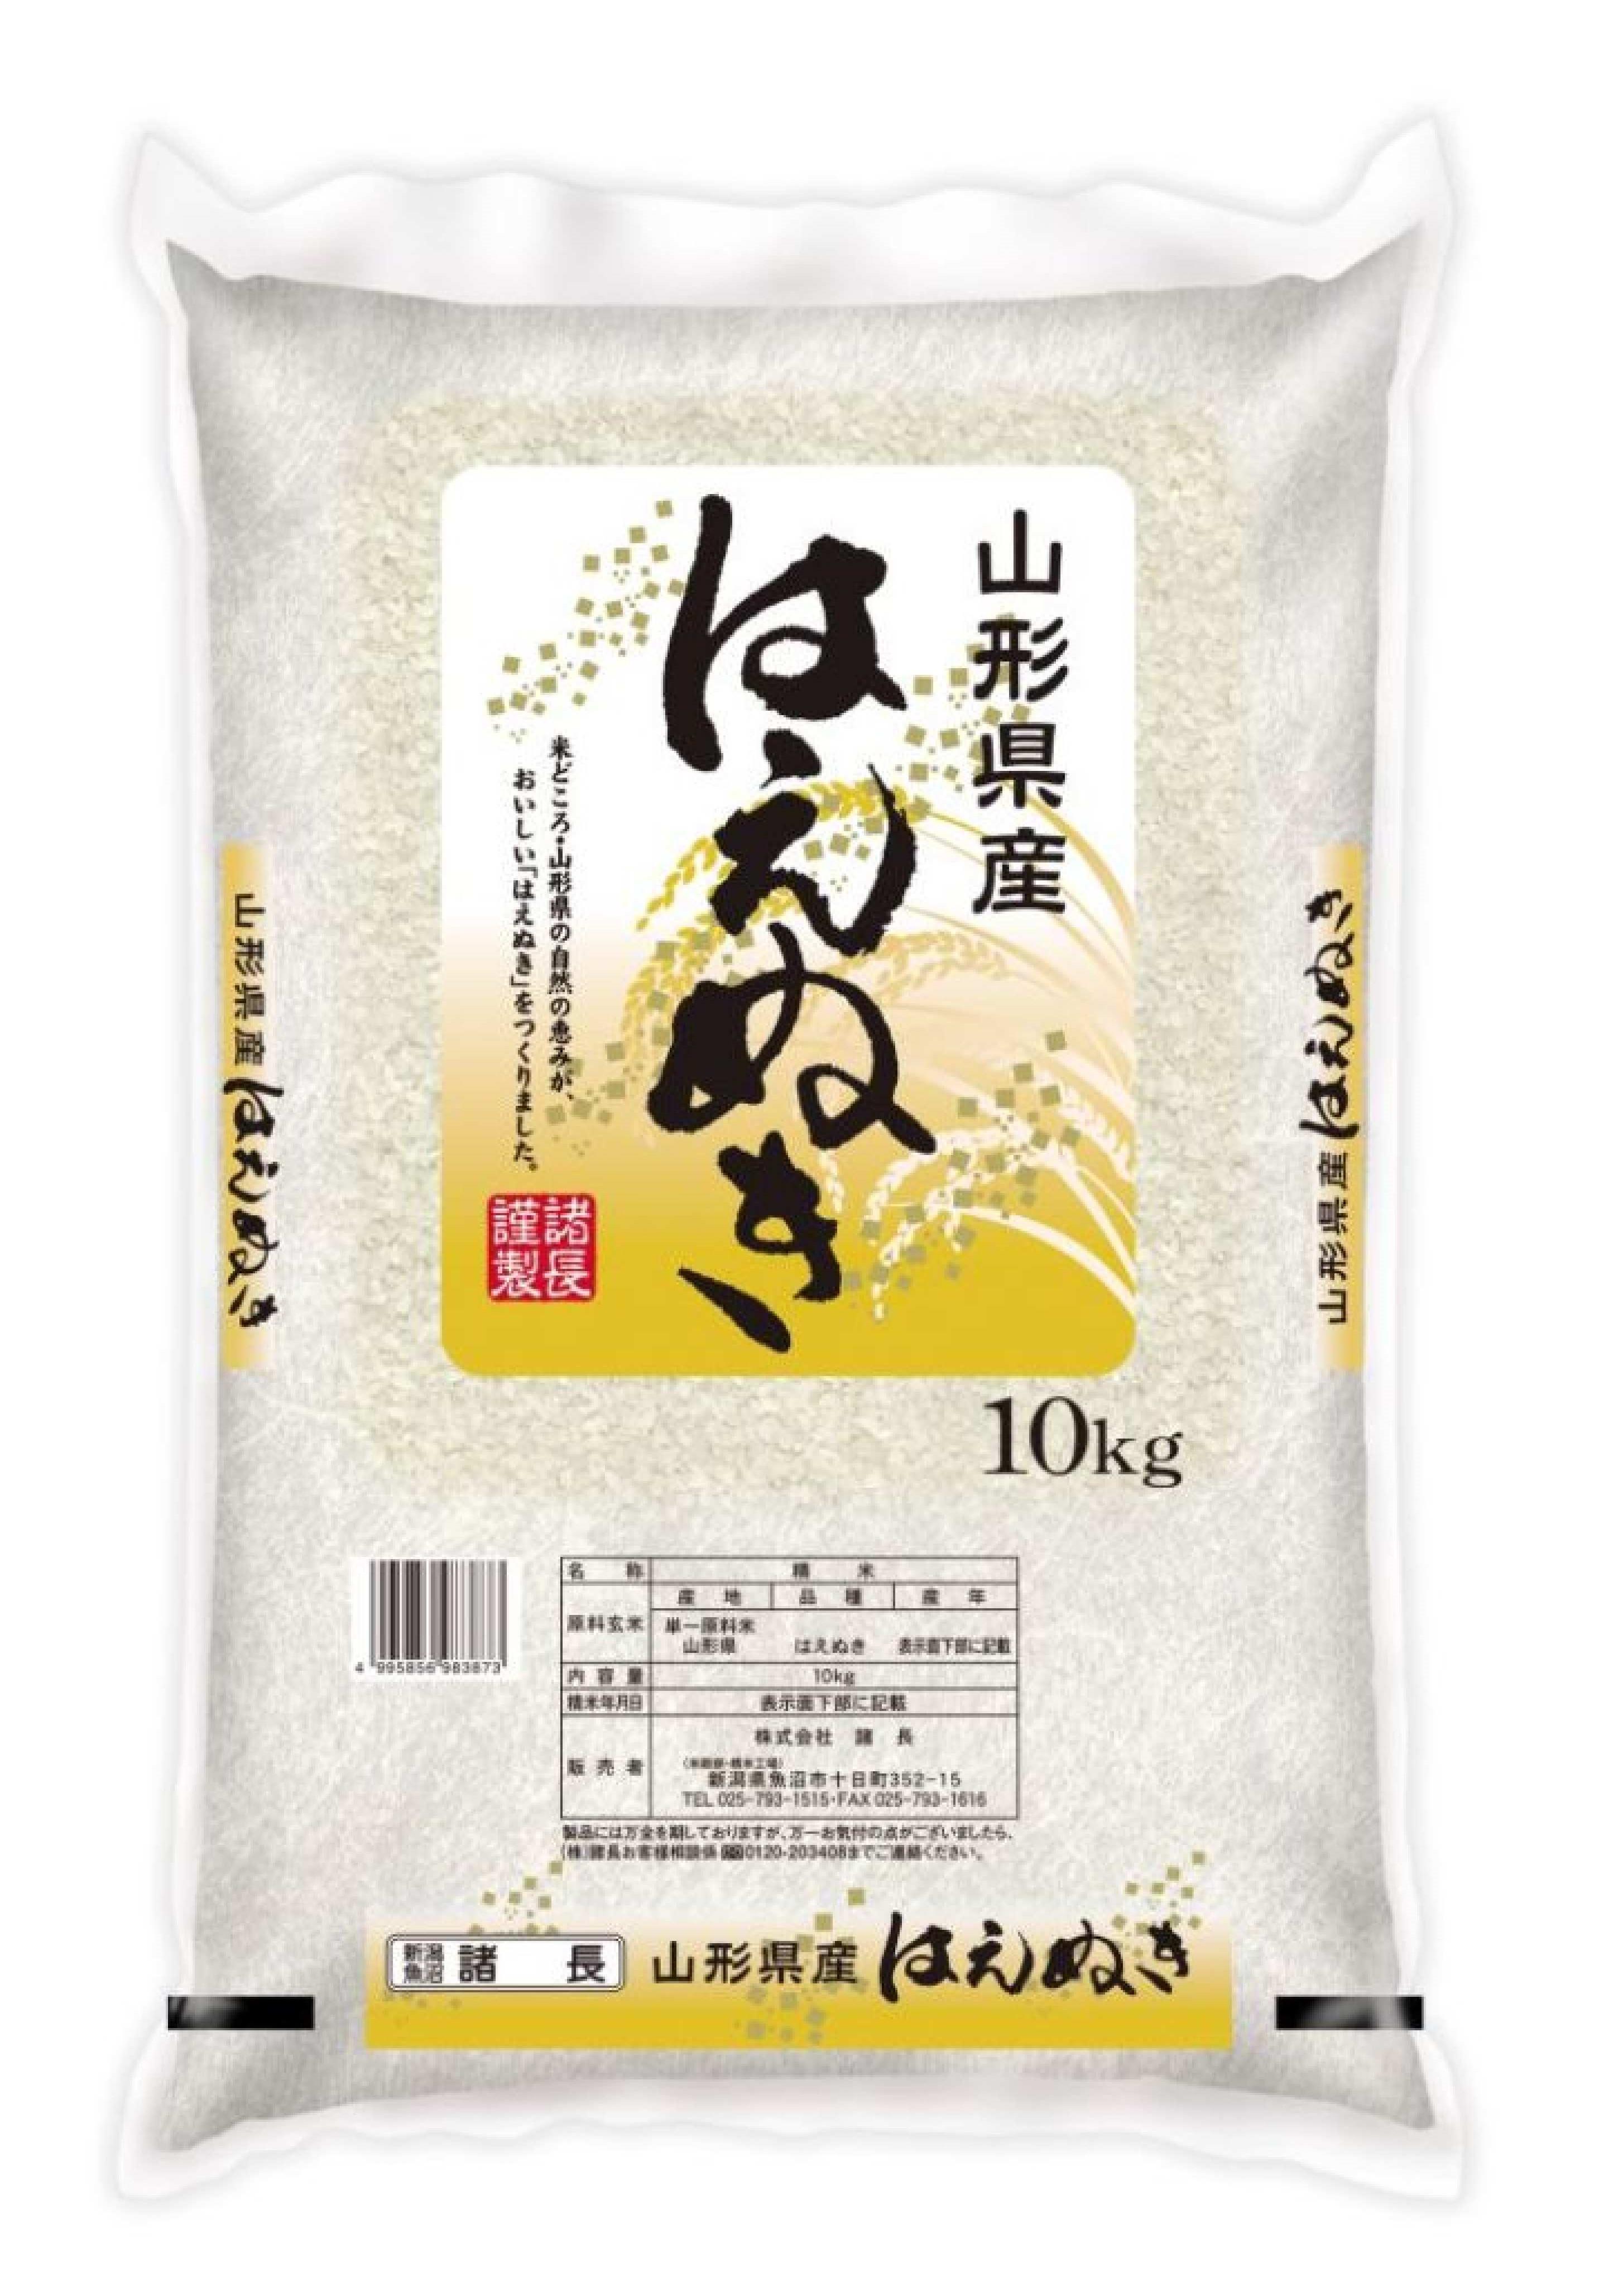 【山形県】山形産はえぬき 10kg